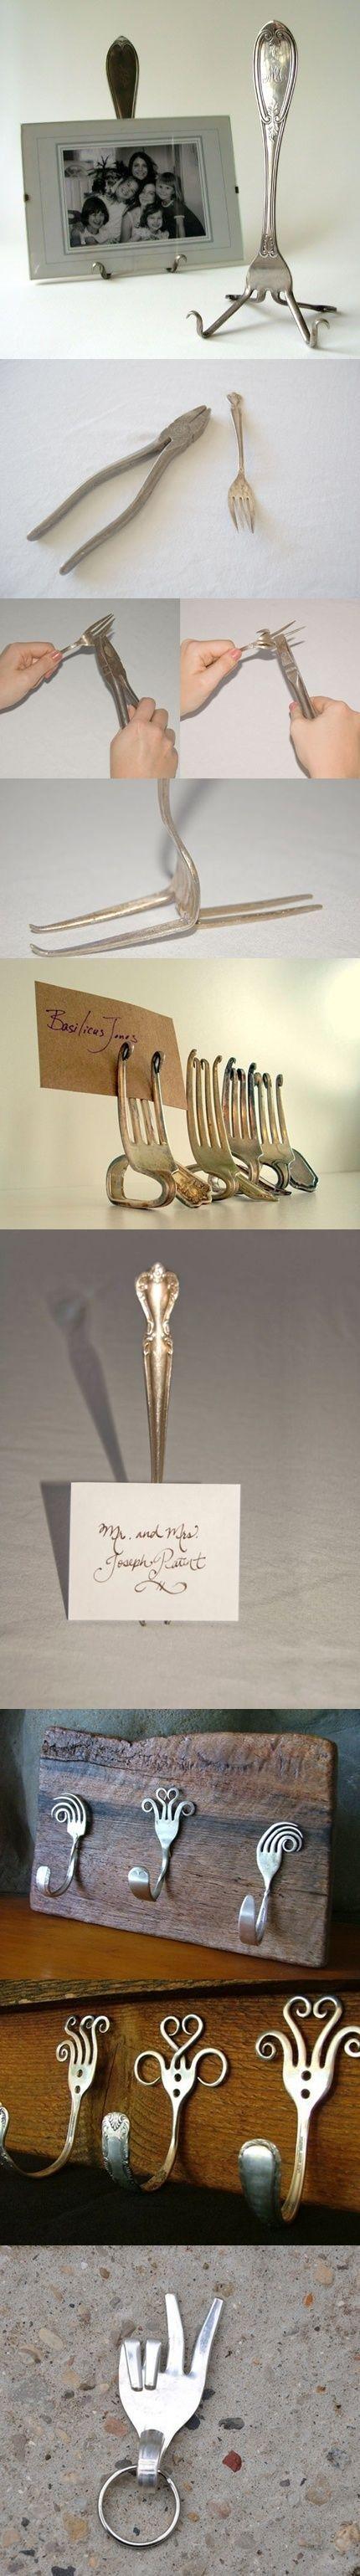 reciclar tenedores para convertirlos en muchas cosas!